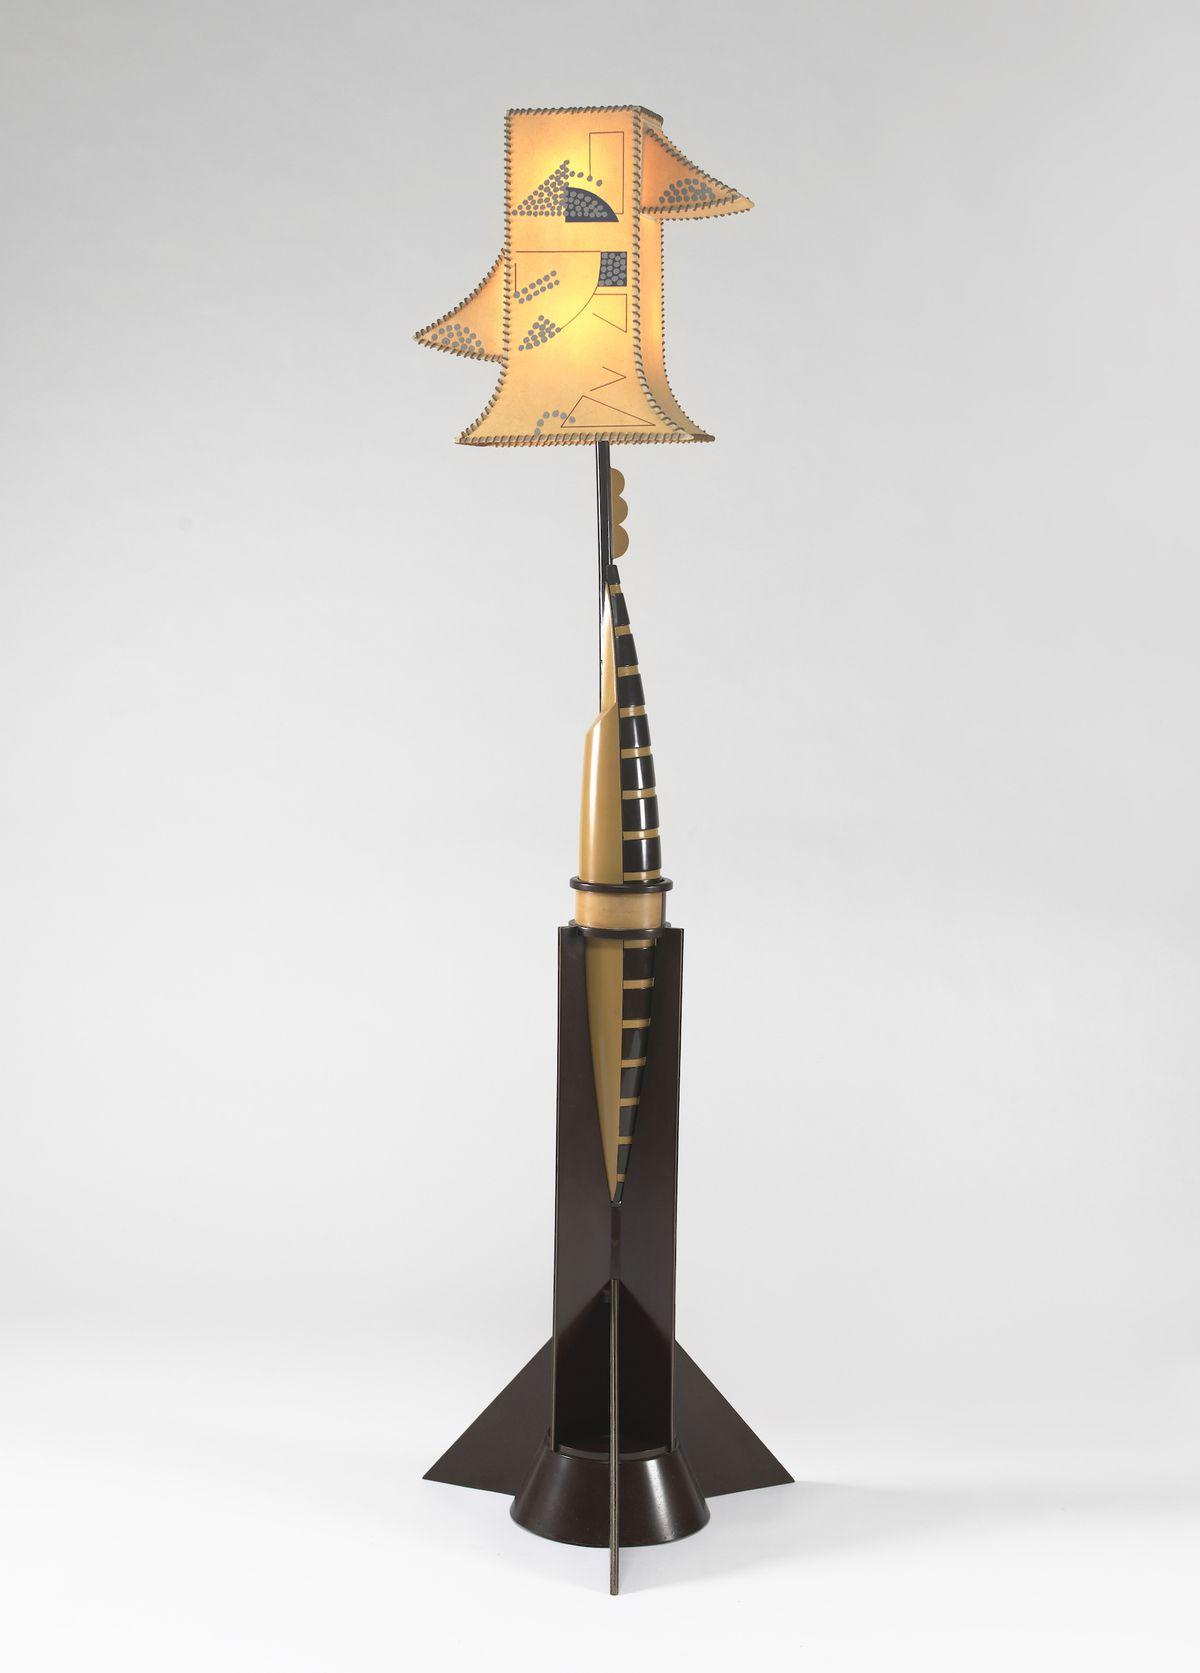 Lamp with an angular base and irregularly shaped shade.